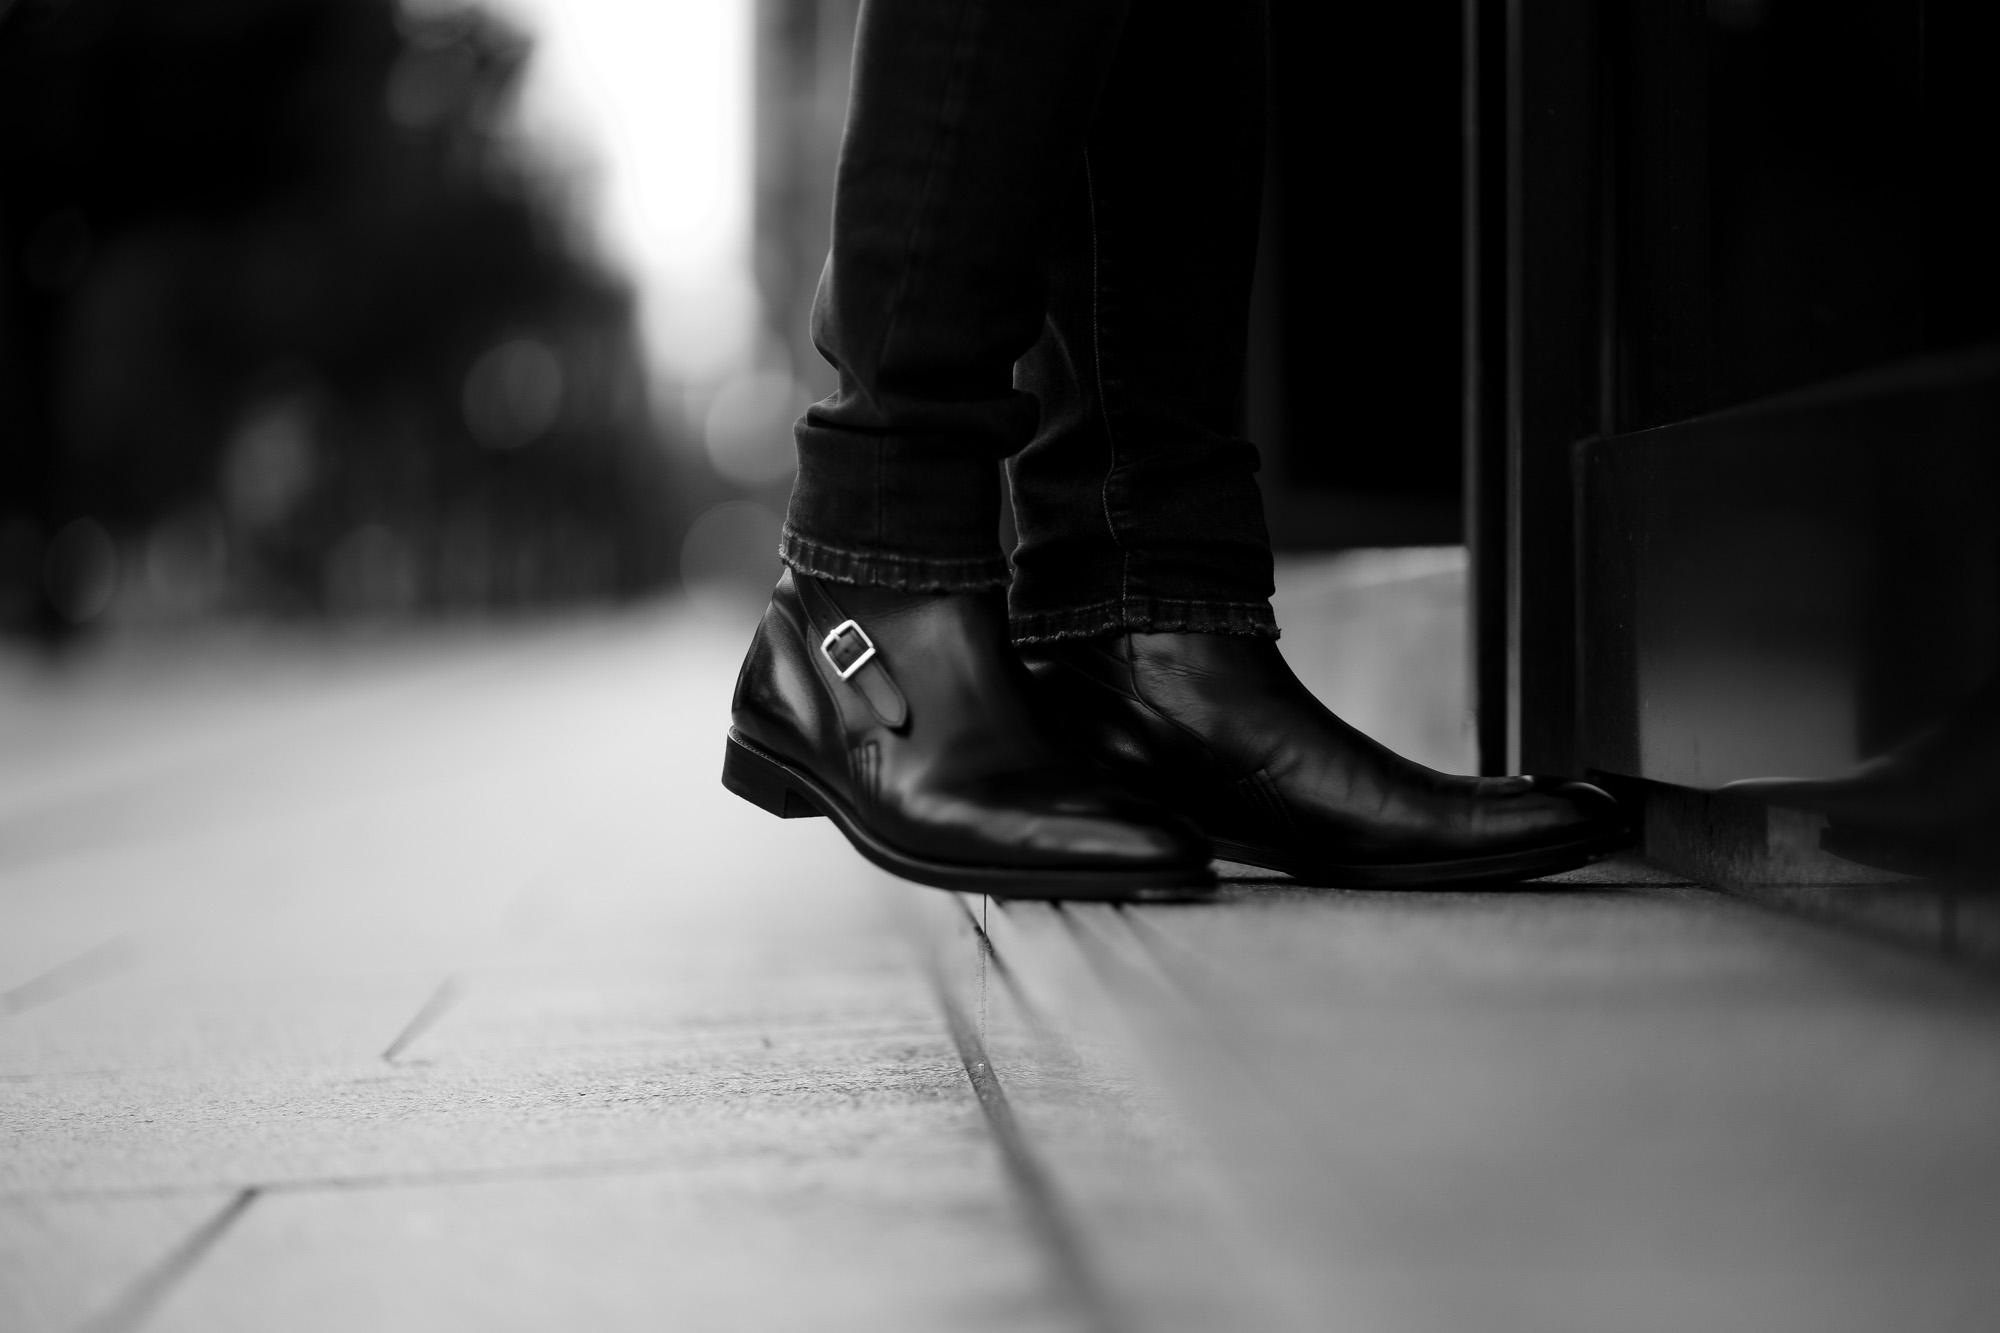 JOHN LOBB (ジョンロブ) ABBOT (アボット) 8695B Jodhpur Boots Black Calf ブラックカーフレザー ジョッパーブーツ BLACK (ブラック) Made In England (イギリス製) 2021 愛知 名古屋 Alto e Diritto altoediritto アルトエデリット ブーツ レザーブーツ johnlobbブーツ YOHEI FUKUDA ビスポーク 福田洋平 BESPOKE